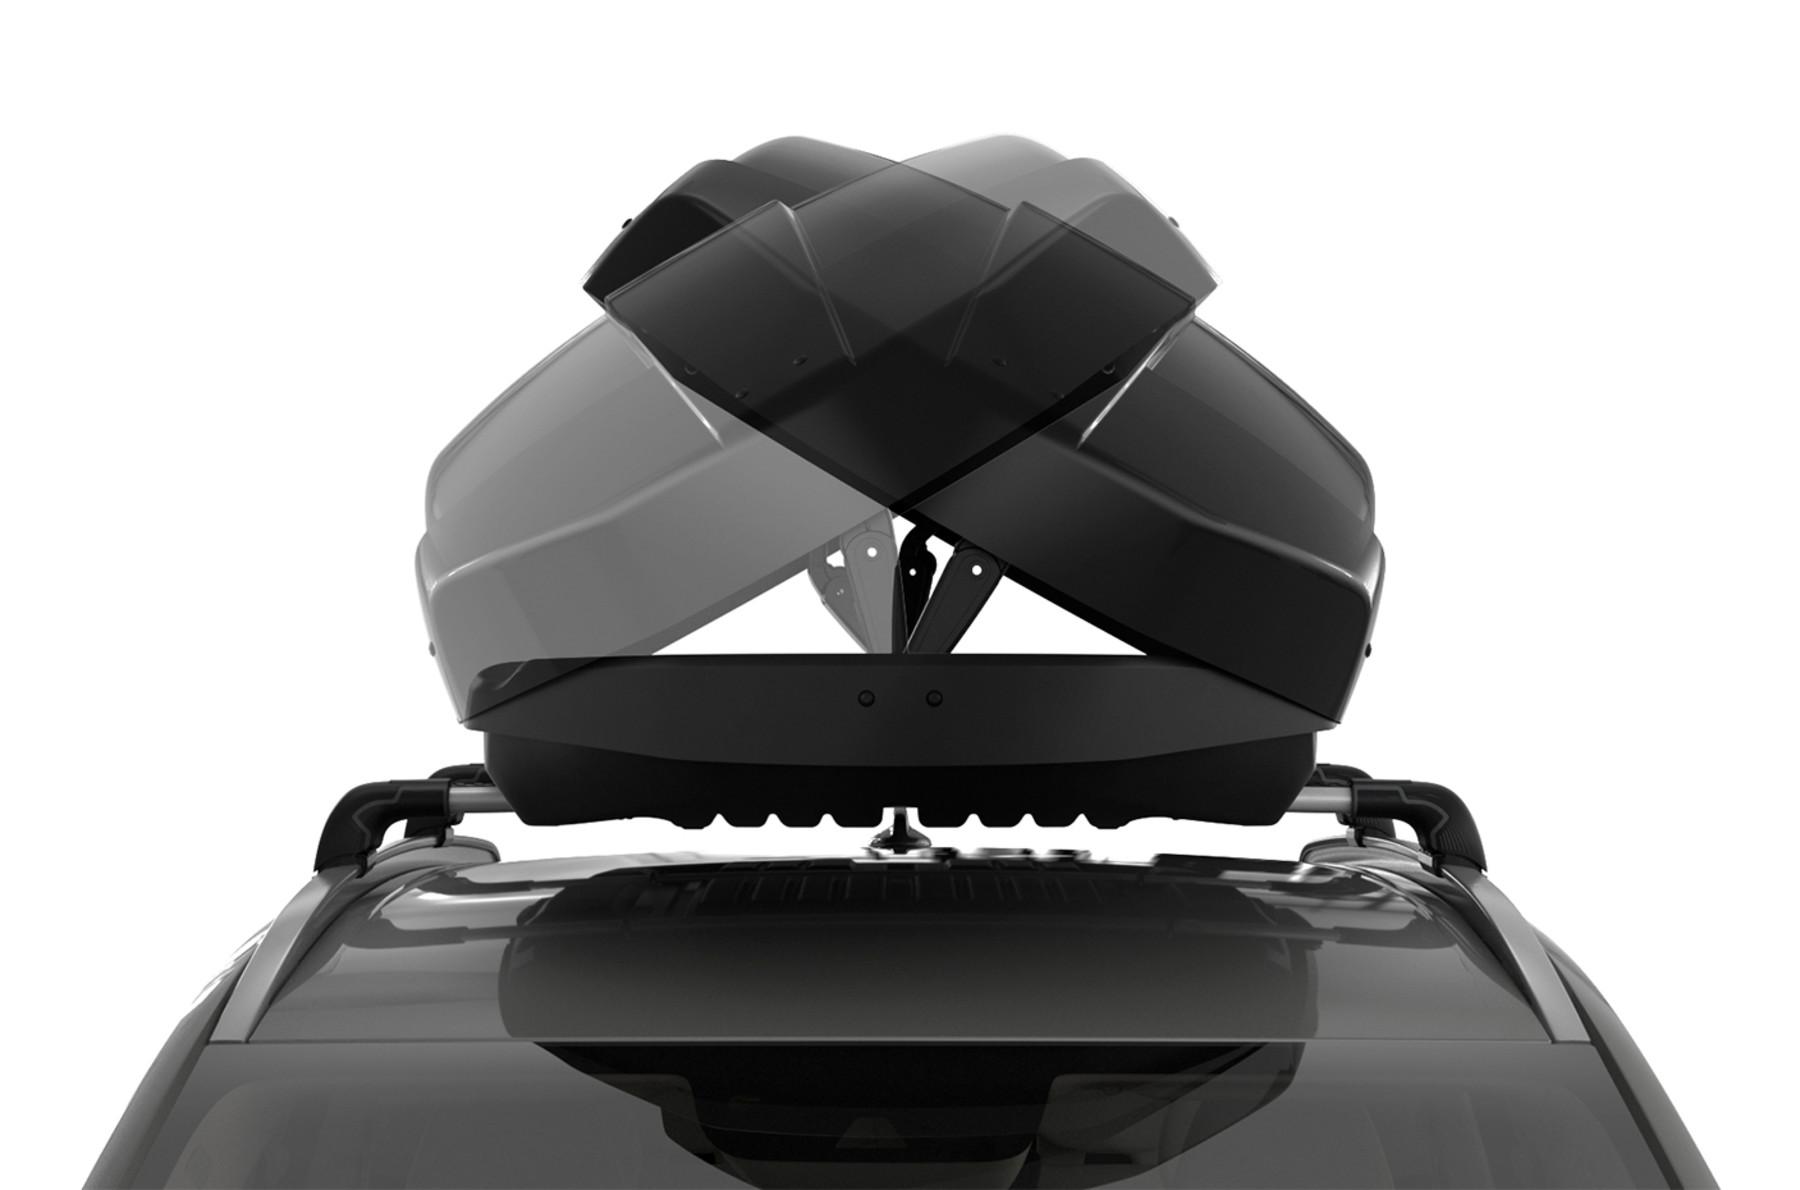 Автобокс Thule Motion XT Alpine 700 Чёрный глянец 659501